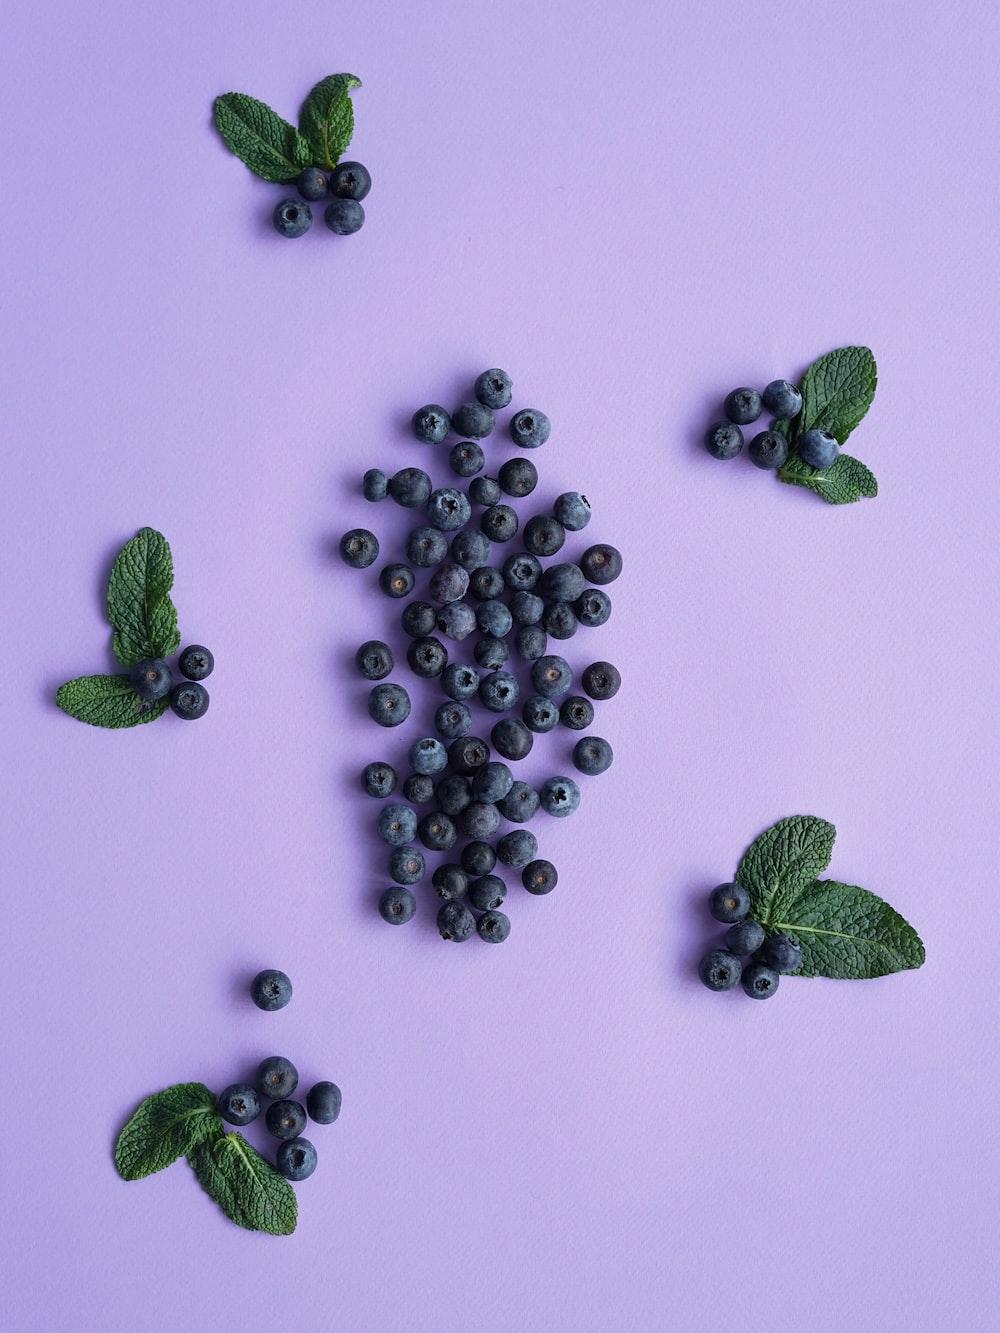 black berries